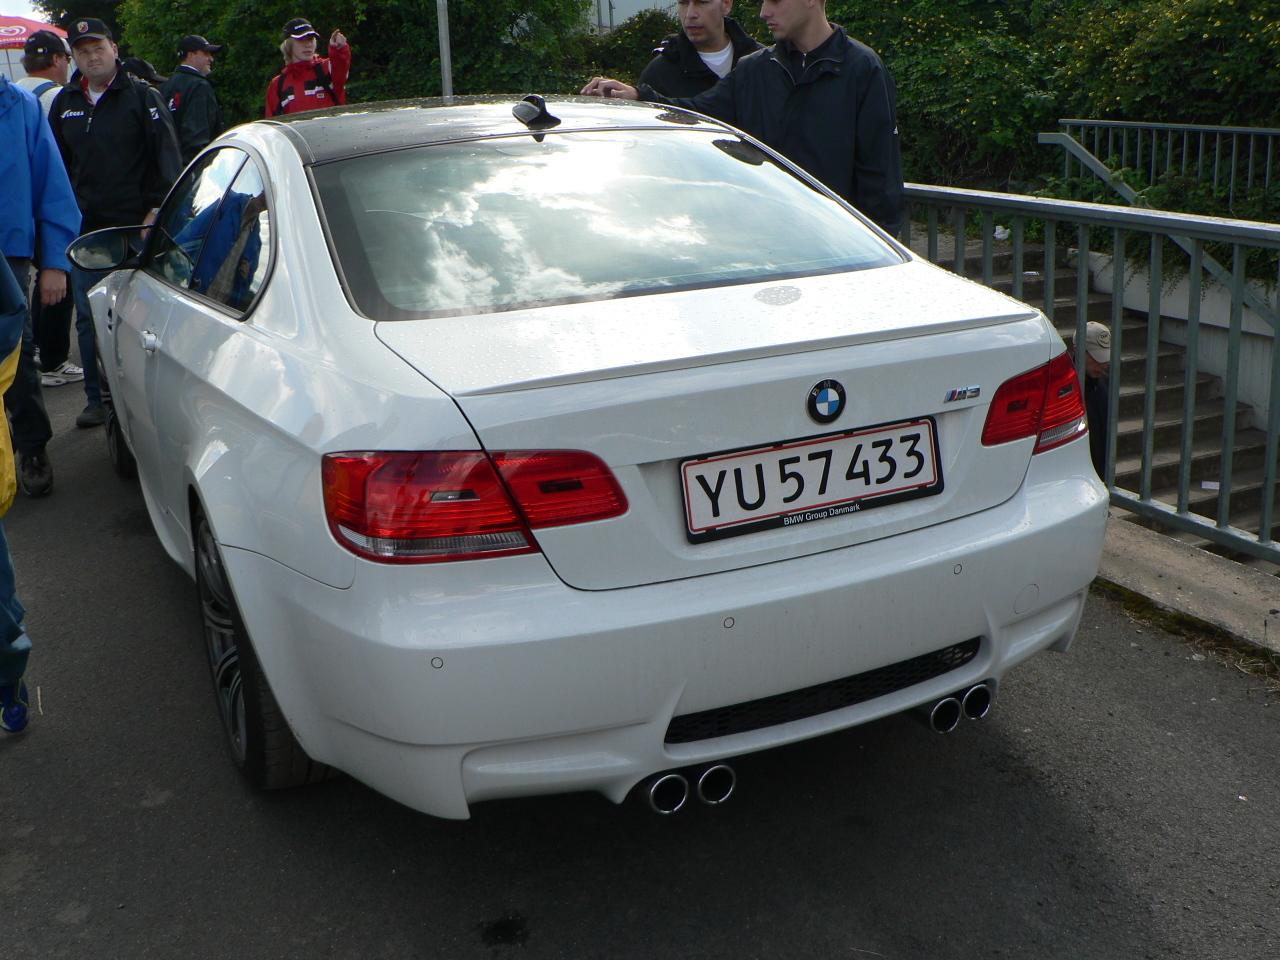 e92 e93 official alpine white m3 coupe cabrio thread